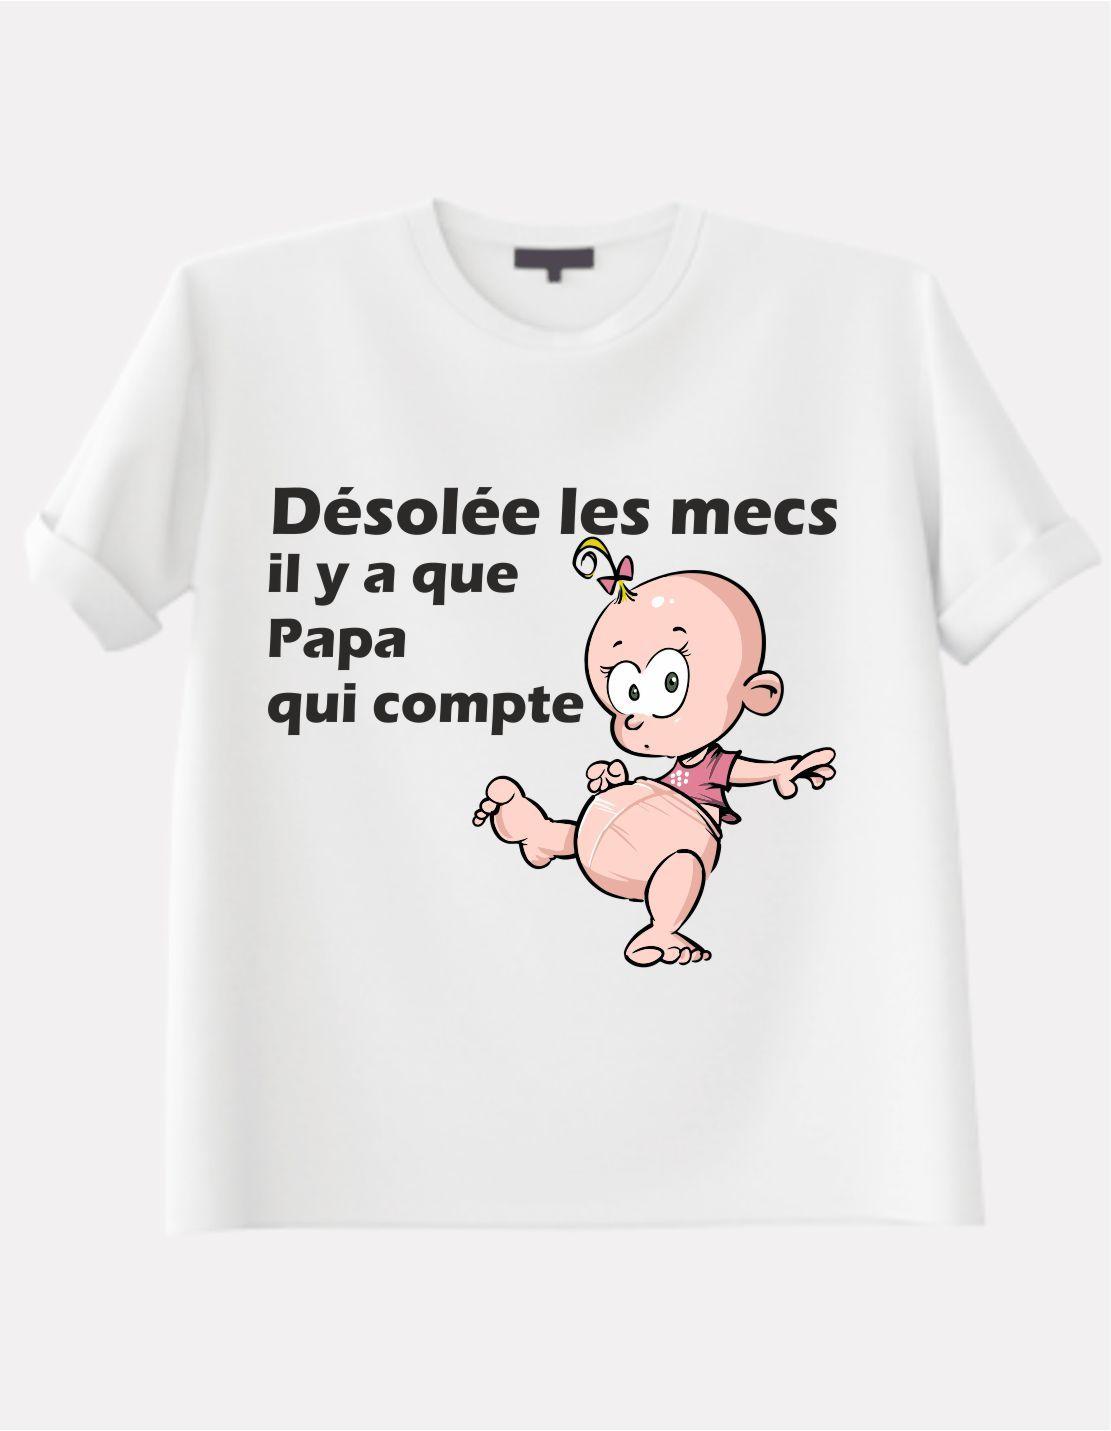 T-Shirt pour fille avec dessin d'une petite fille drôle avec petite queue